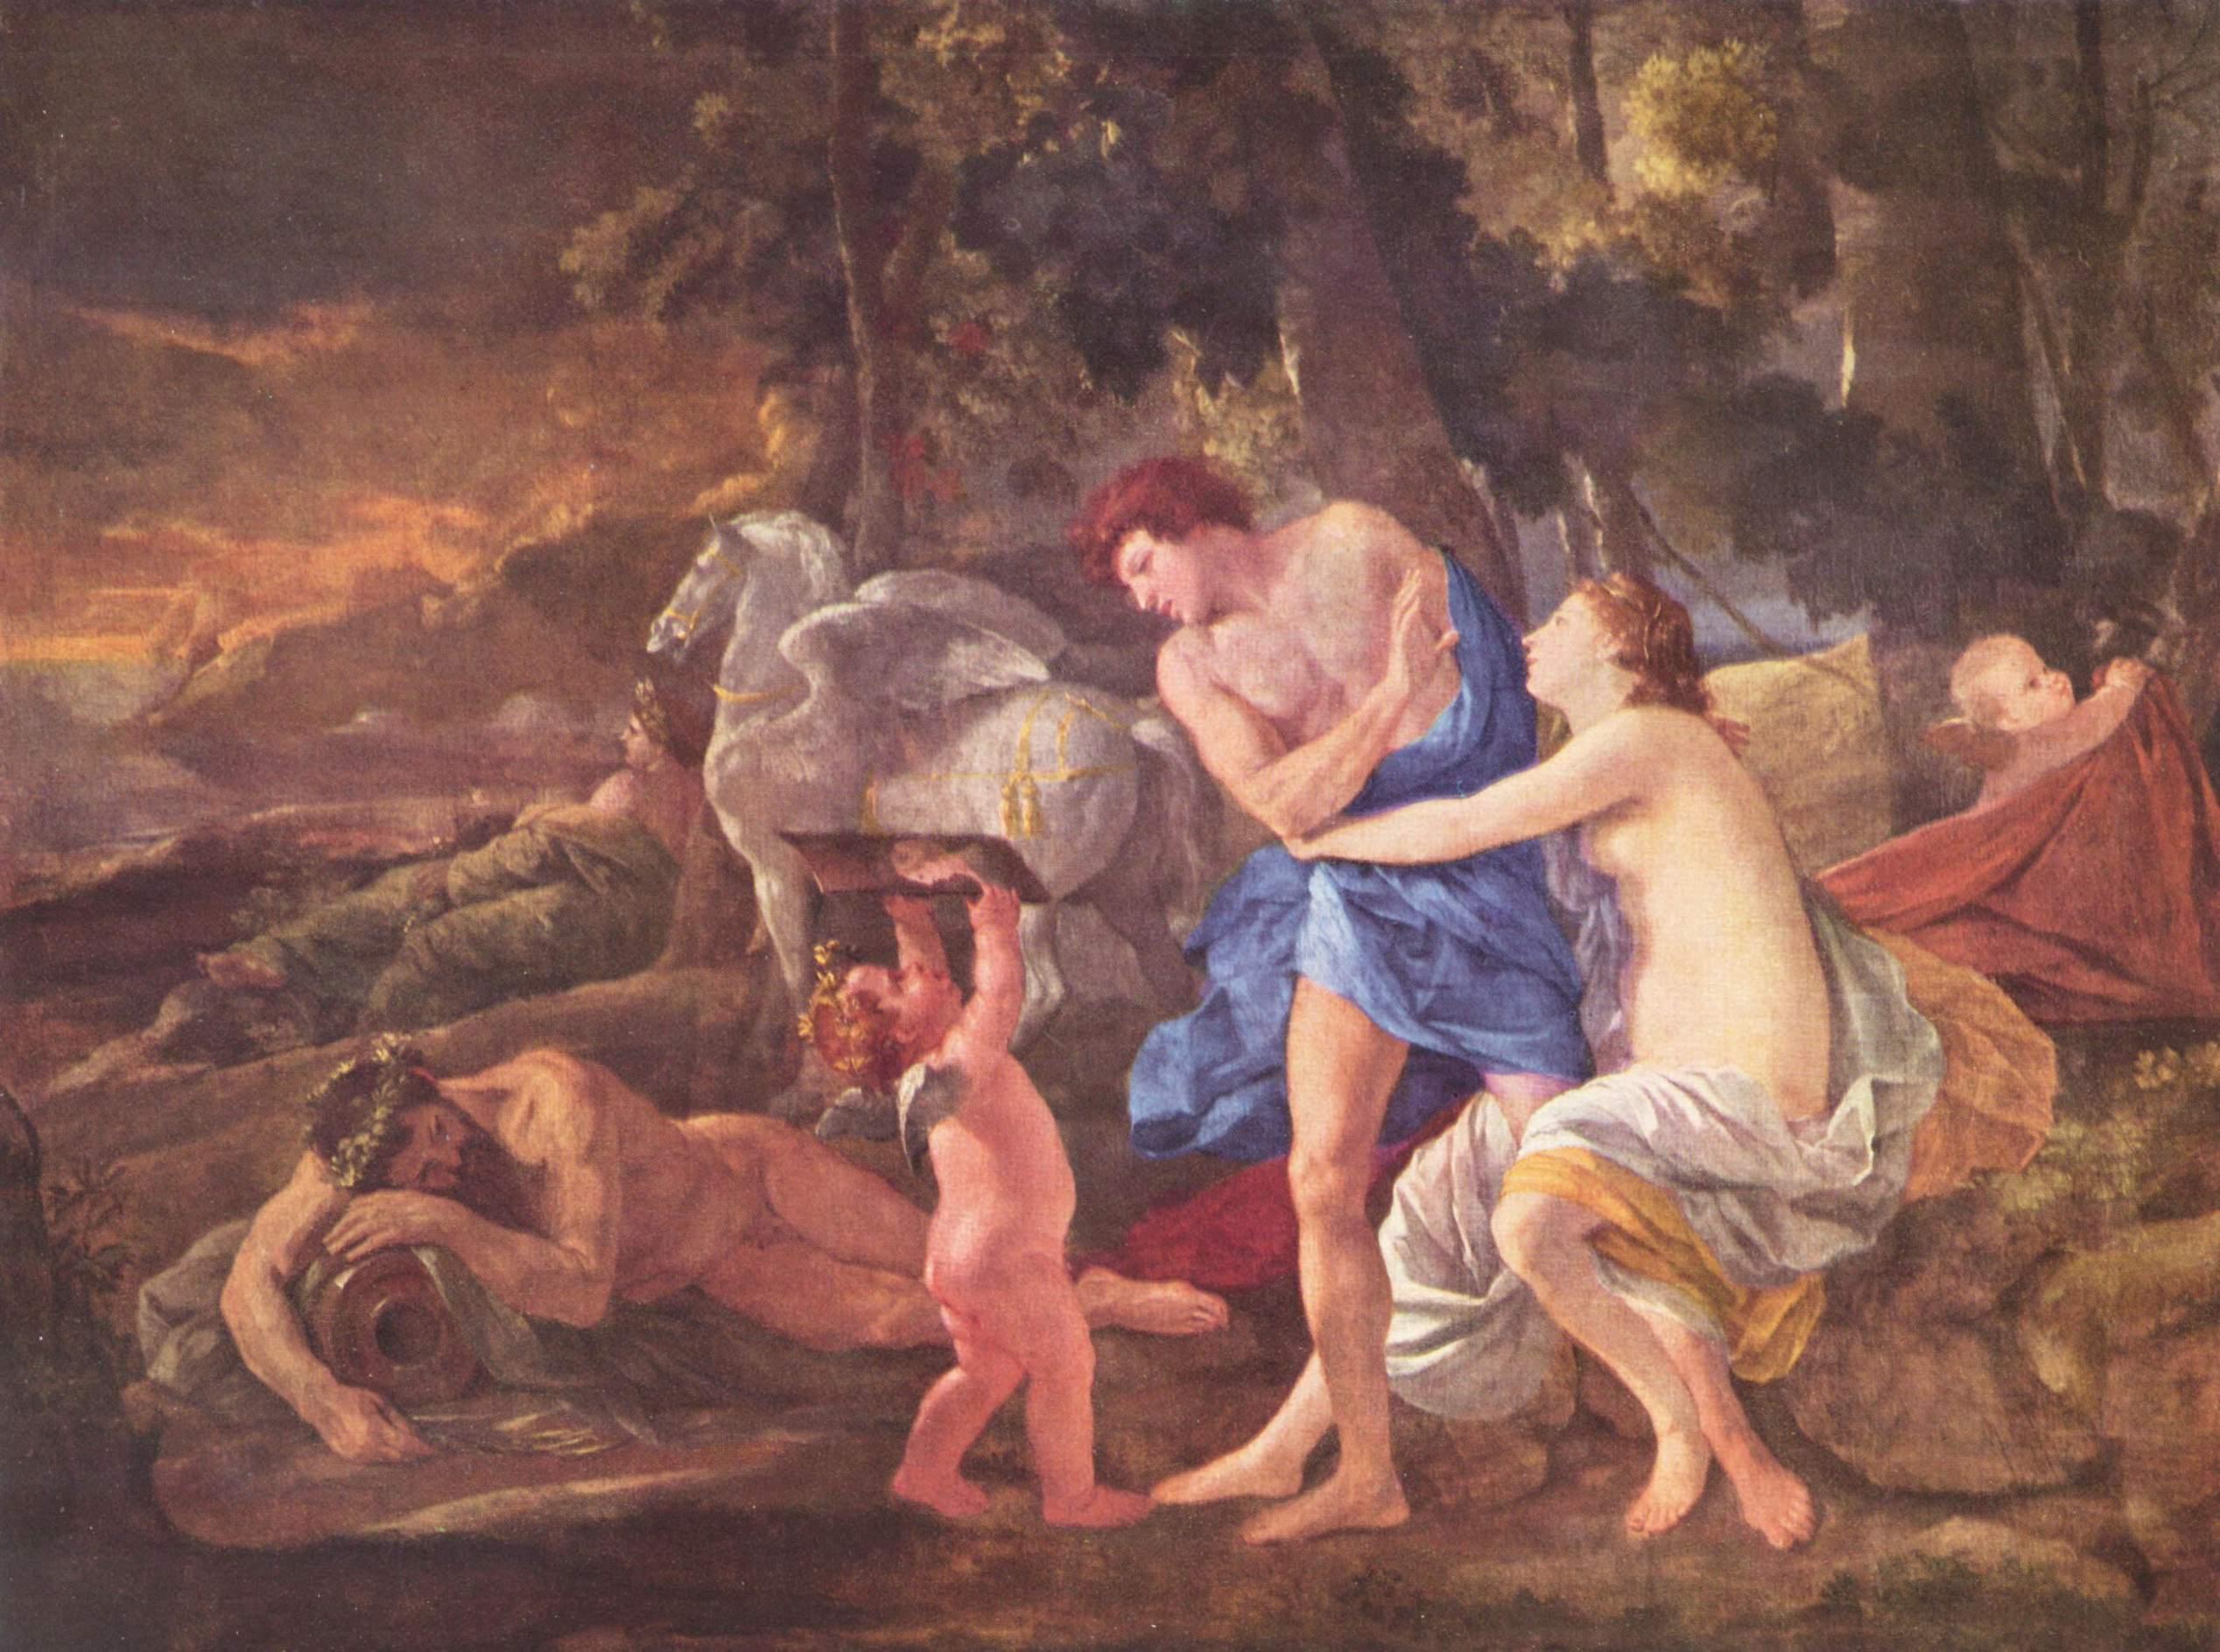 Nicolas_Poussin_-_Céphale_et_Aurore